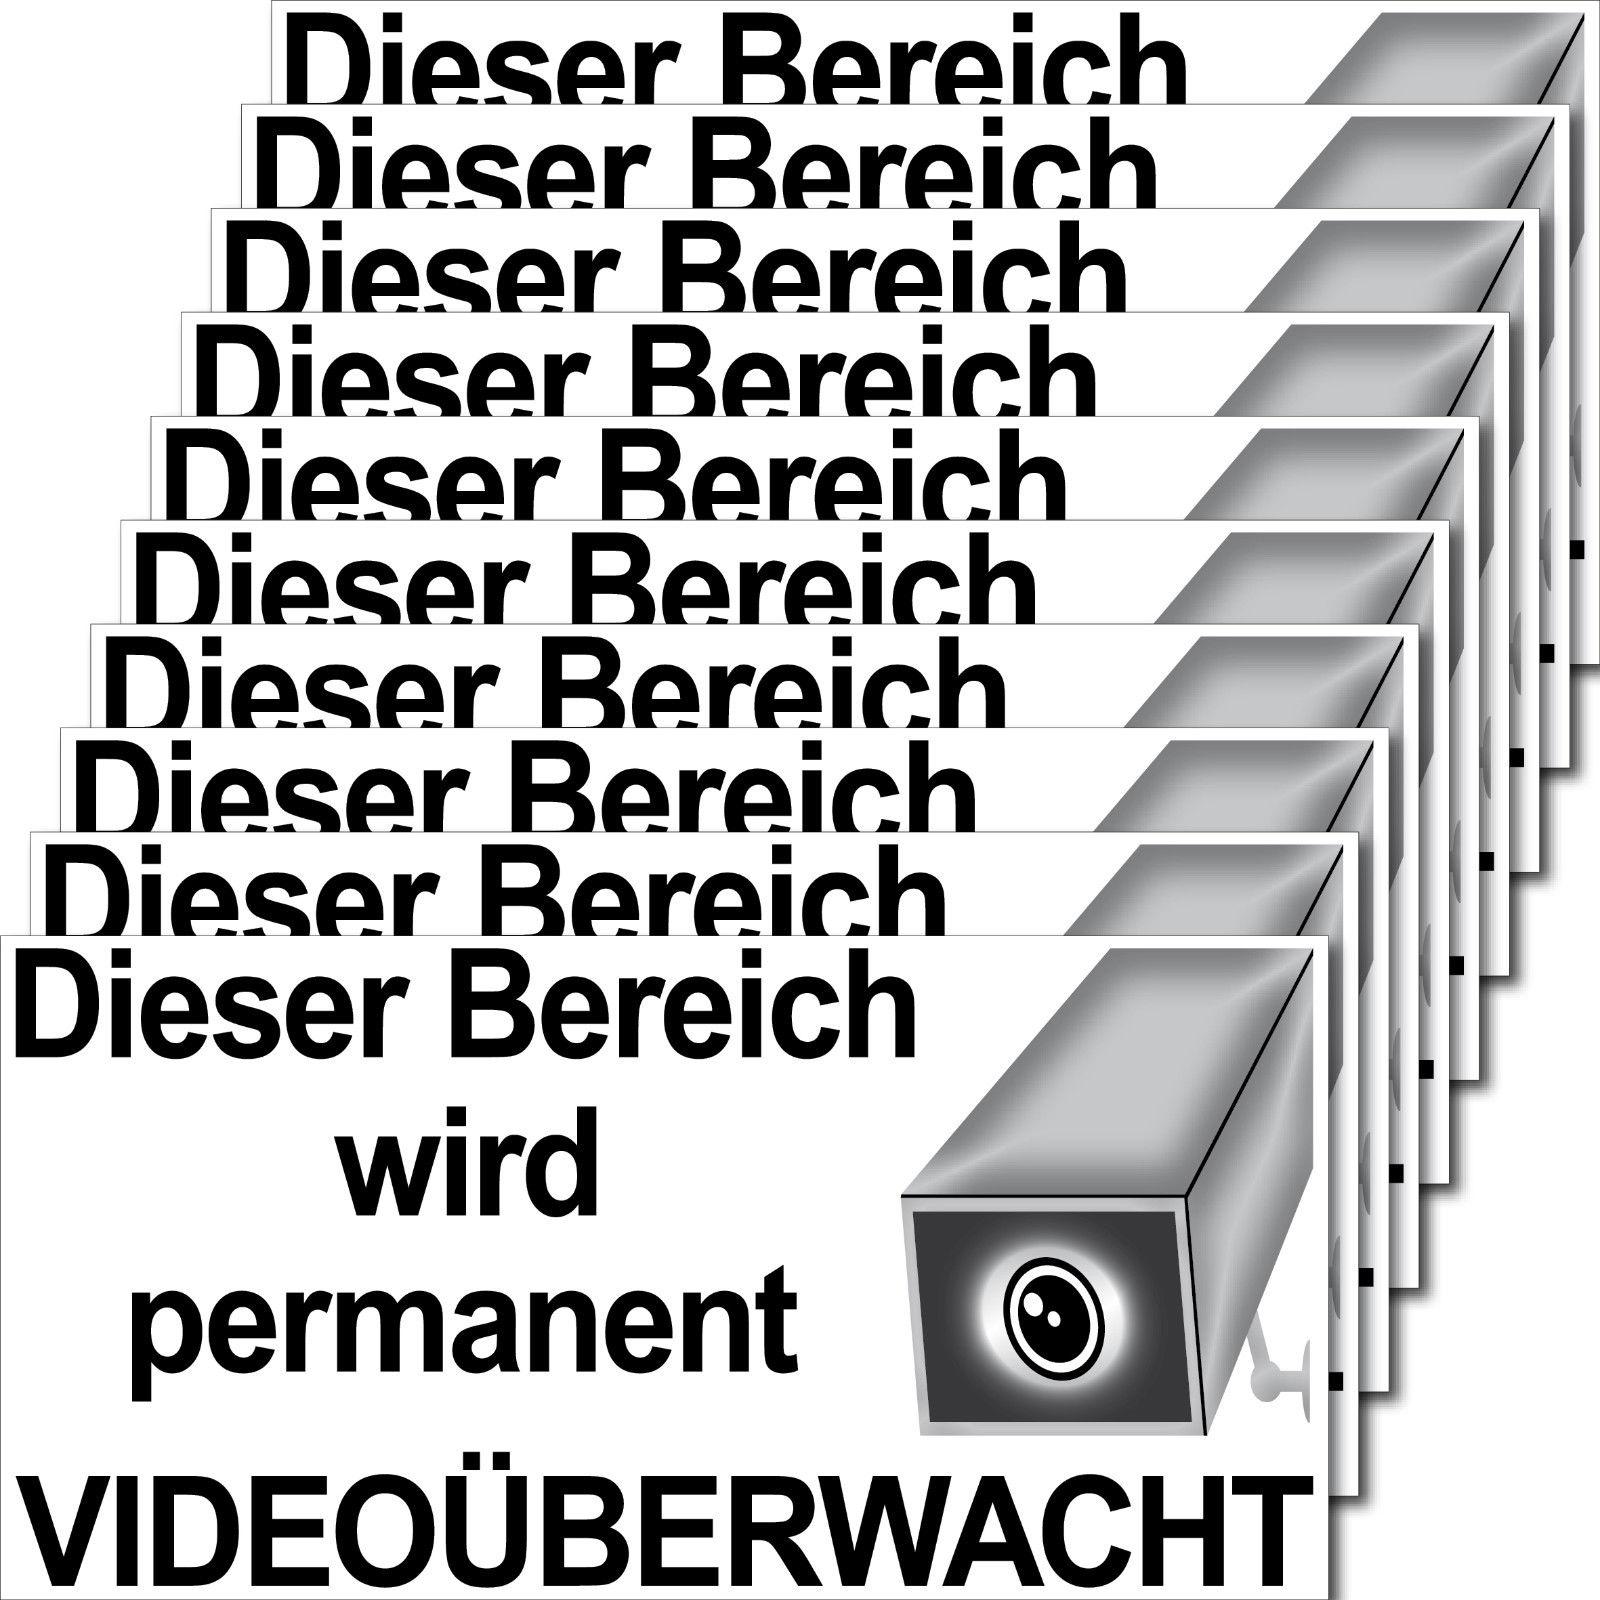 10 Aufkleber 20cm Dieser Bereich Wird Permanent Videouberwacht Cctv